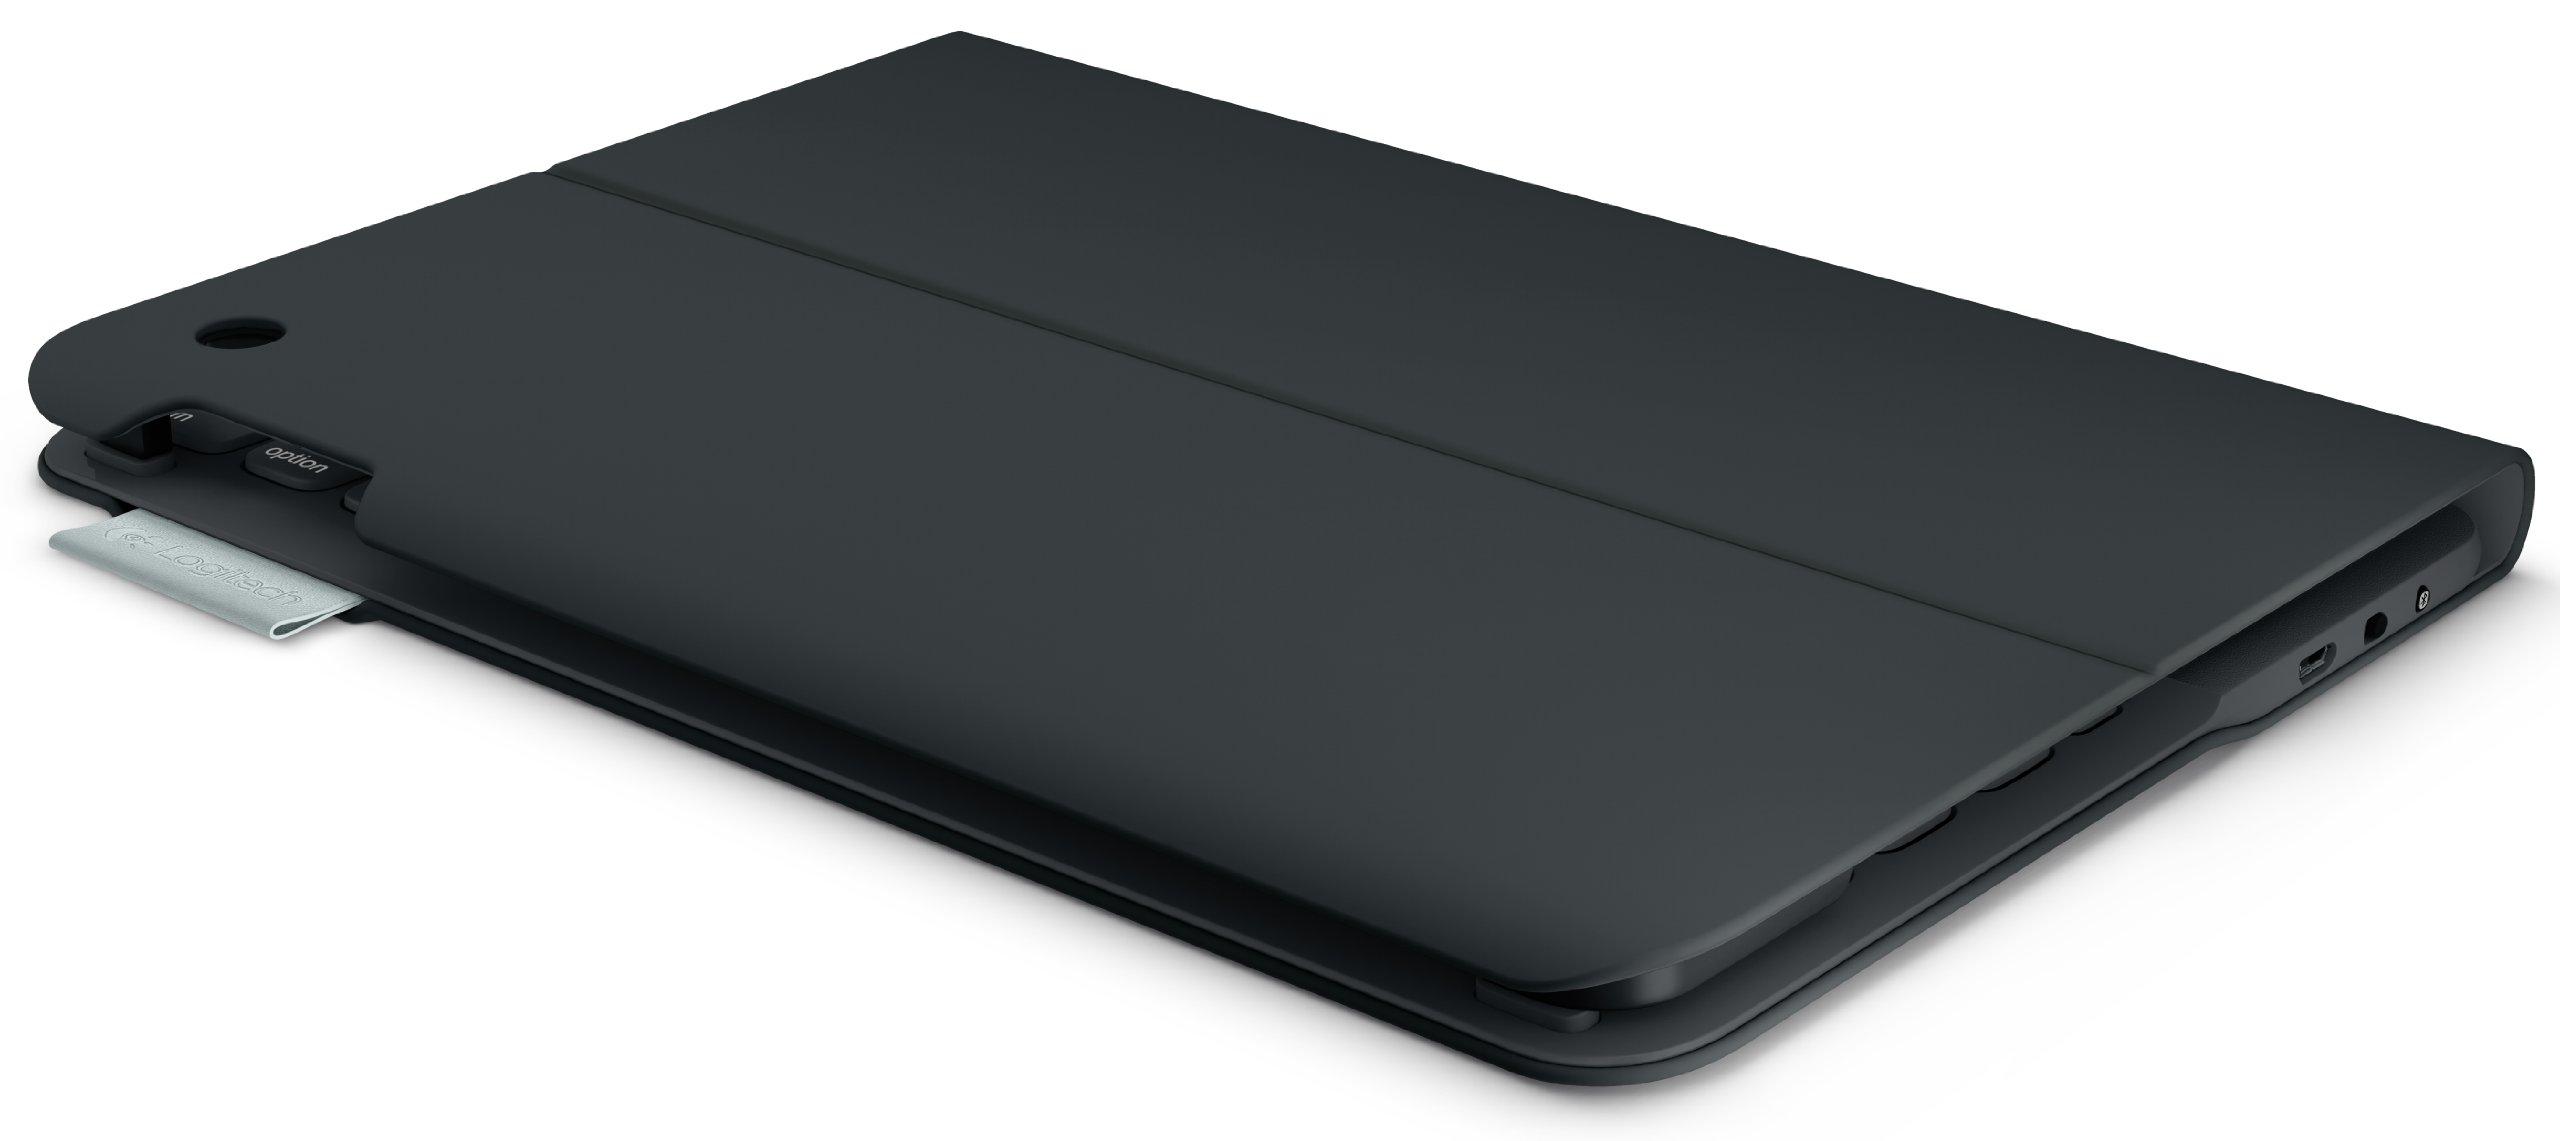 LOG920005905 - LOGITECH, INC. Ultrathin Keyboard Folio for iPad Air